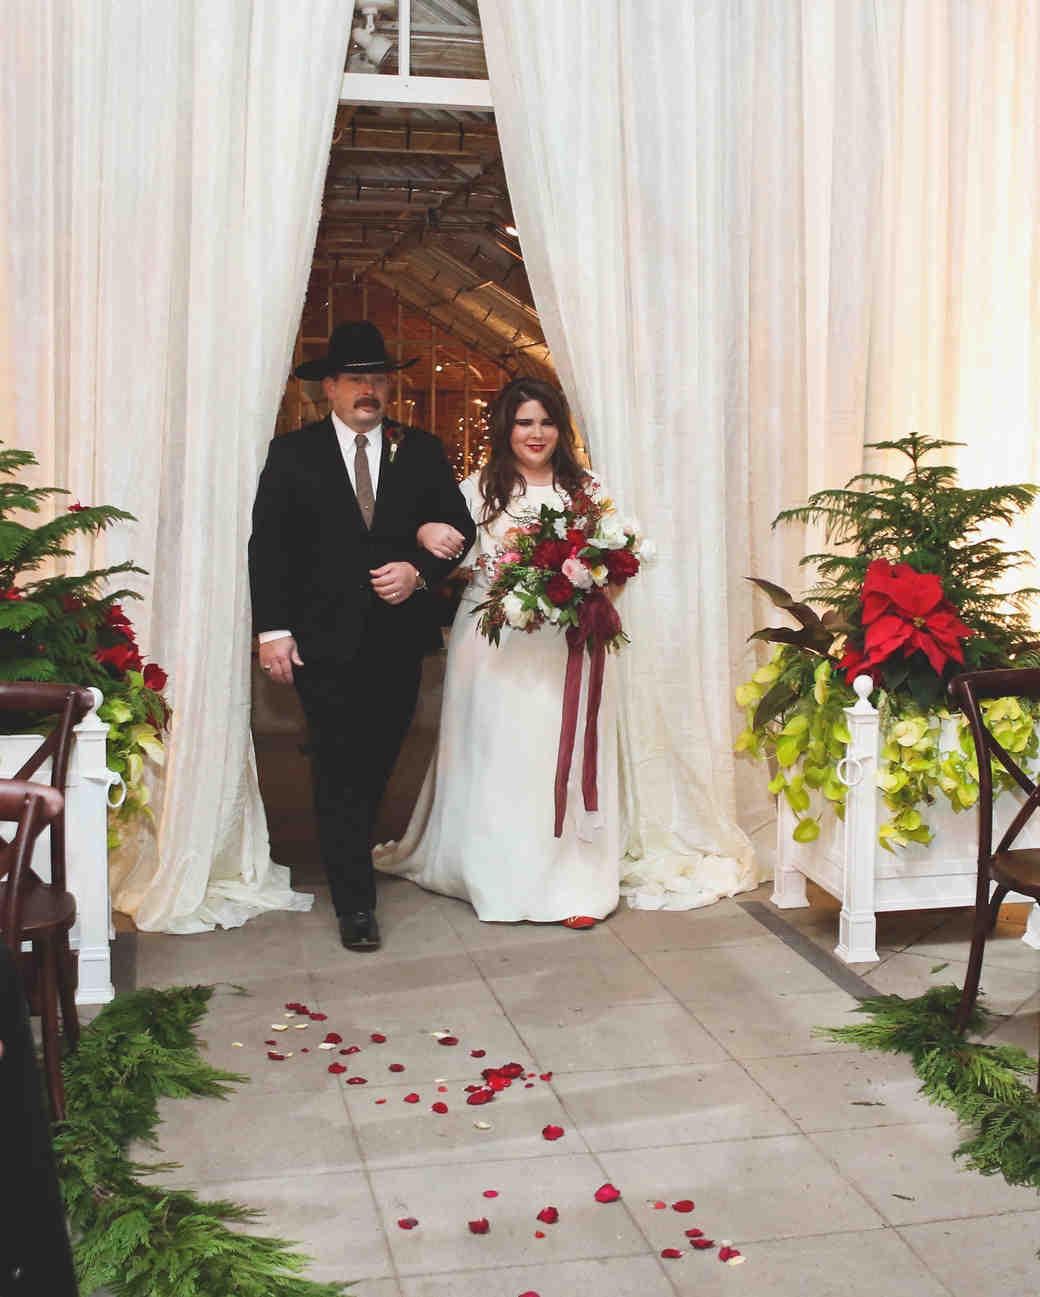 jessie-justin-wedding-dad-59-s112135-0915.jpg